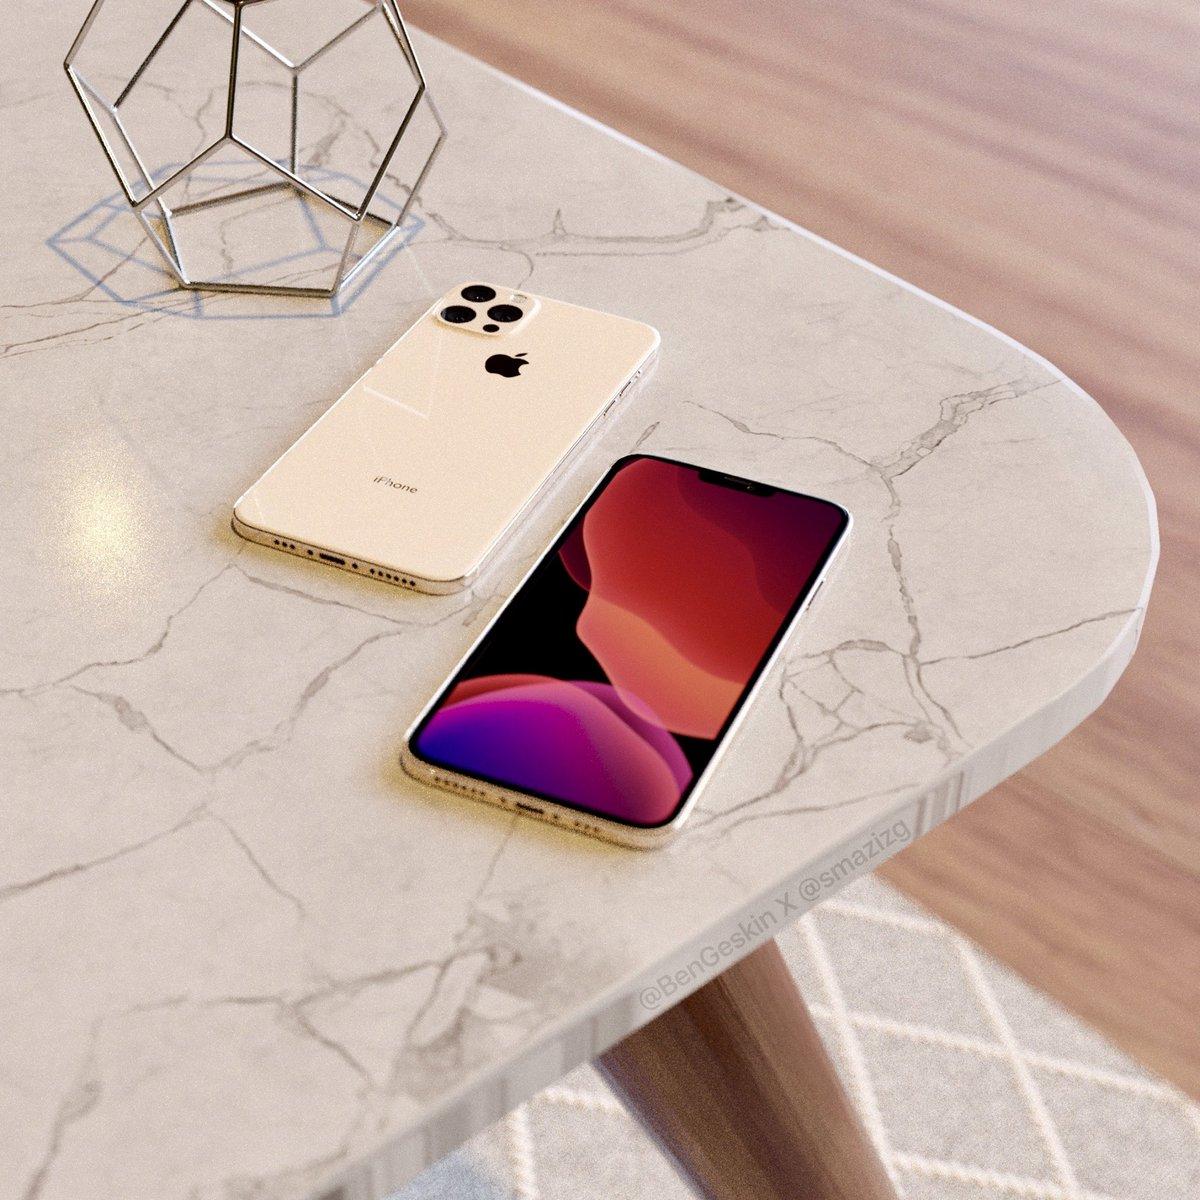 Iphone 2020 Renders Ben Geskin Img 5